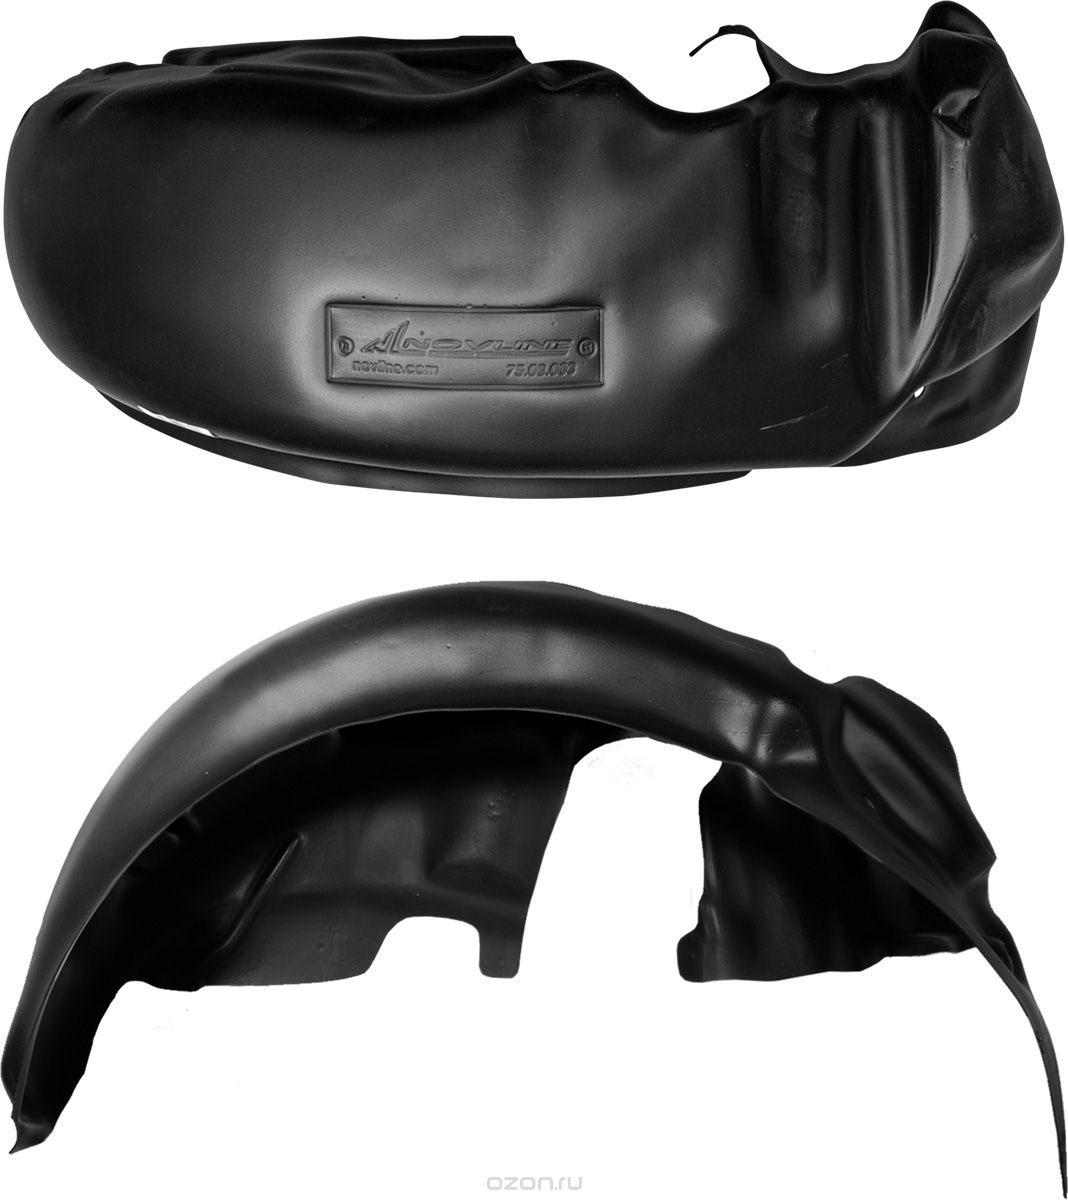 Подкрылок Novline-Autofamily, для Ford Mondeo, 2015 ->, задний левыйNLL.16.59.003Идеальная защита колесной ниши. Локеры разработаны с применением цифровых технологий, гарантируют максимальную повторяемость поверхности арки. Изделия устанавливаются без нарушения лакокрасочного покрытия автомобиля, каждый подкрылок комплектуется крепежом. Уважаемые клиенты, обращаем ваше внимание, что фотографии на подкрылки универсальные и не отражают реальную форму изделия. При этом само изделие идет точно под размер указанного автомобиля.